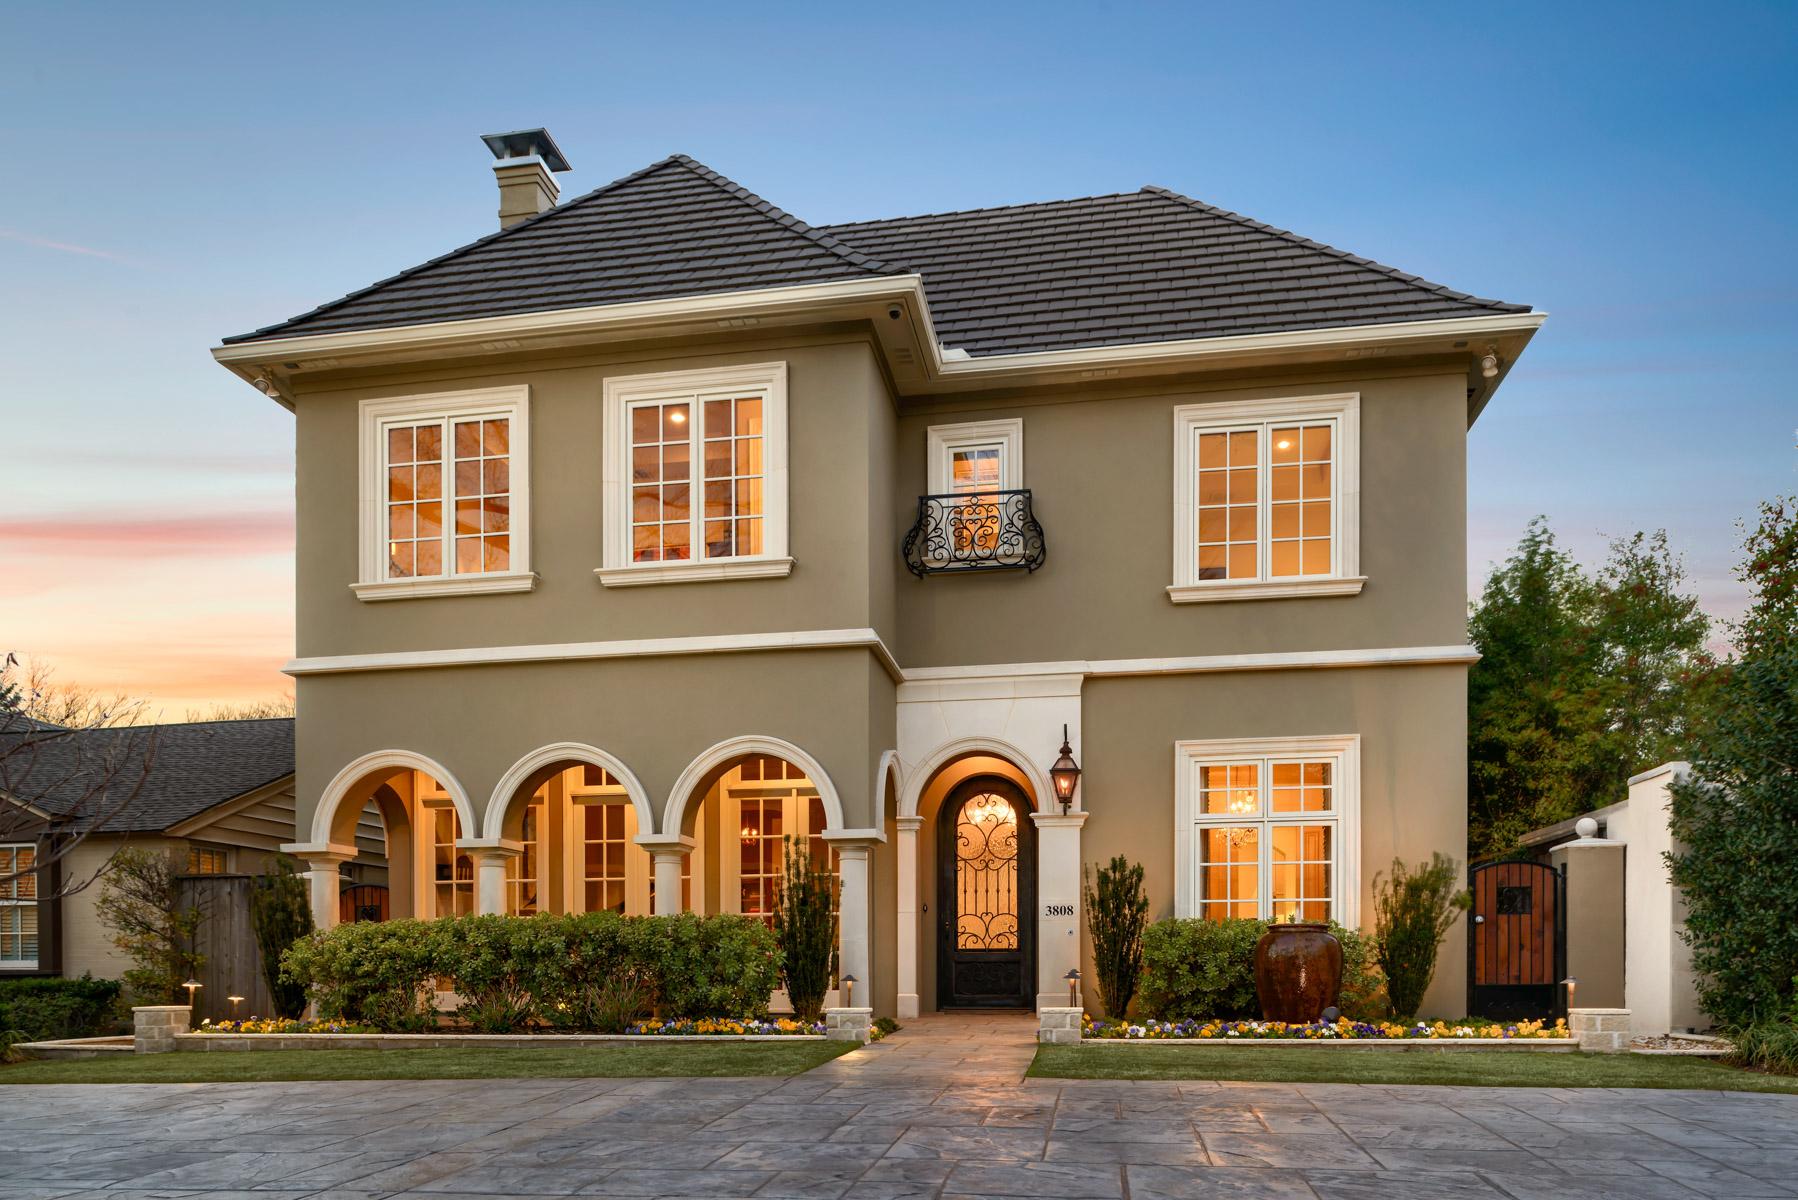 Maison unifamiliale pour l Vente à University Park Traditional 3808 Bryn Mawr Dr Dallas, Texas, 75225 États-Unis